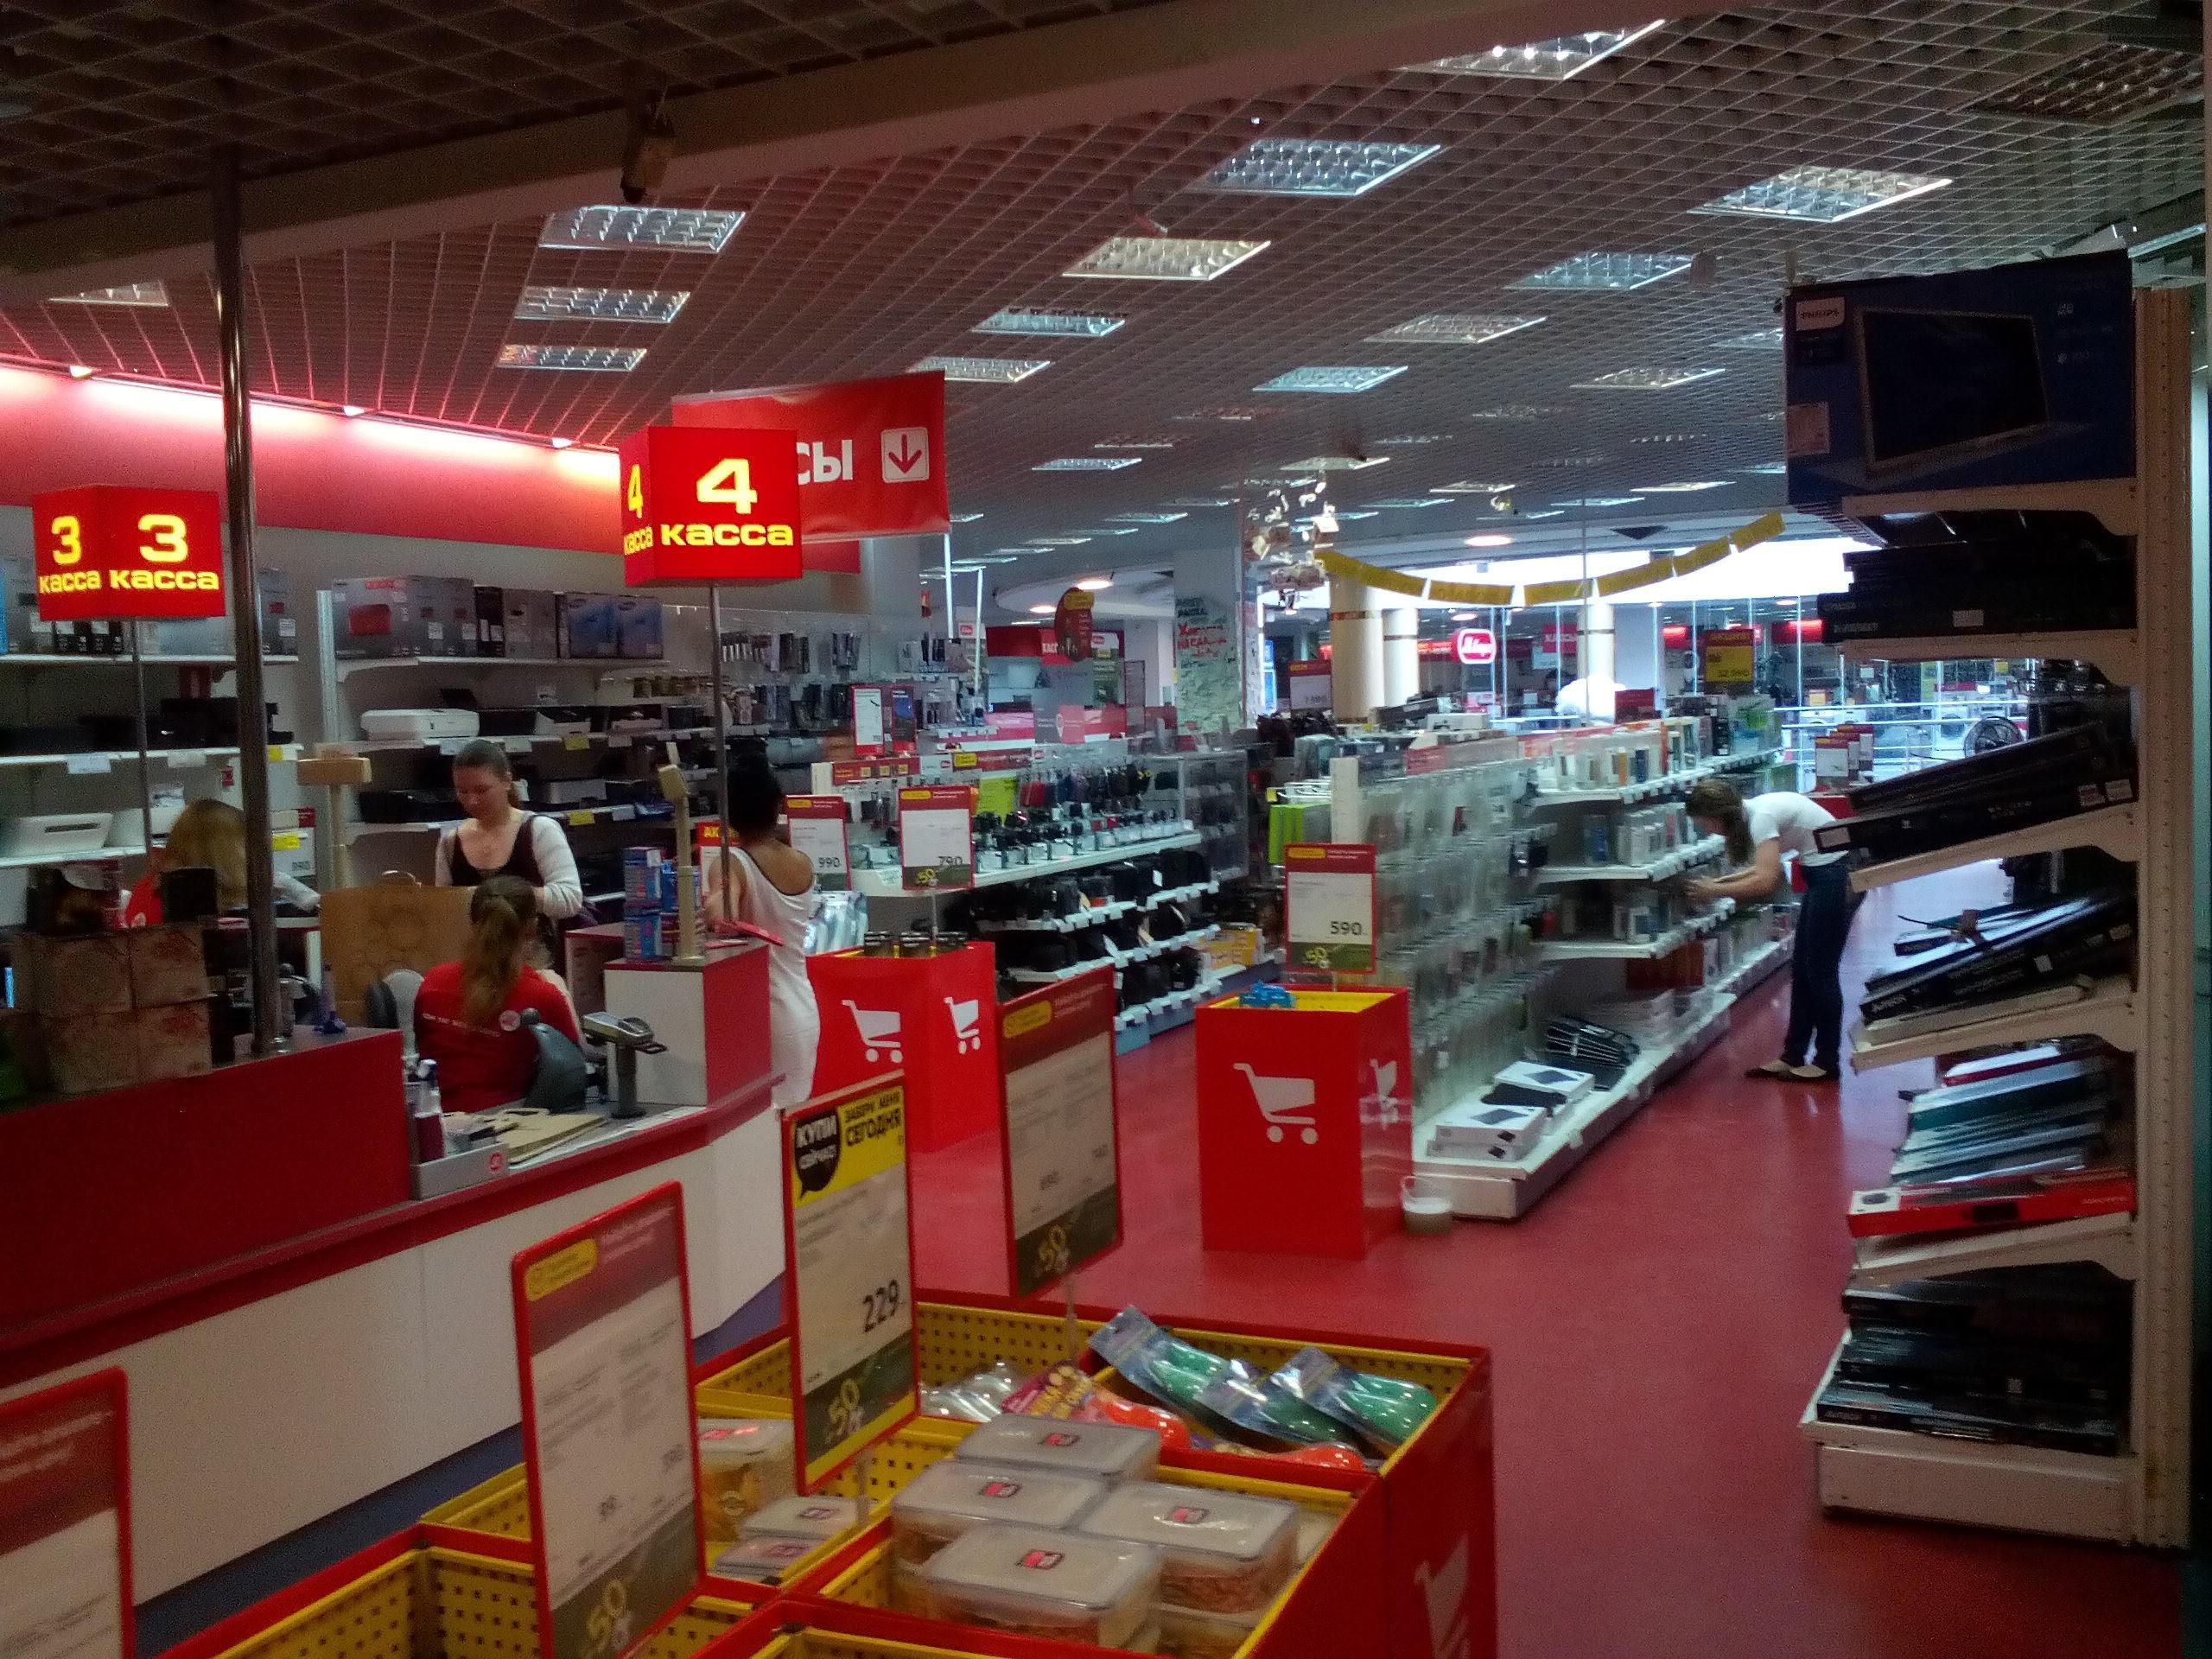 d76053f7a М.Видео - весенние скидки, акции, каталог товаров с ценами